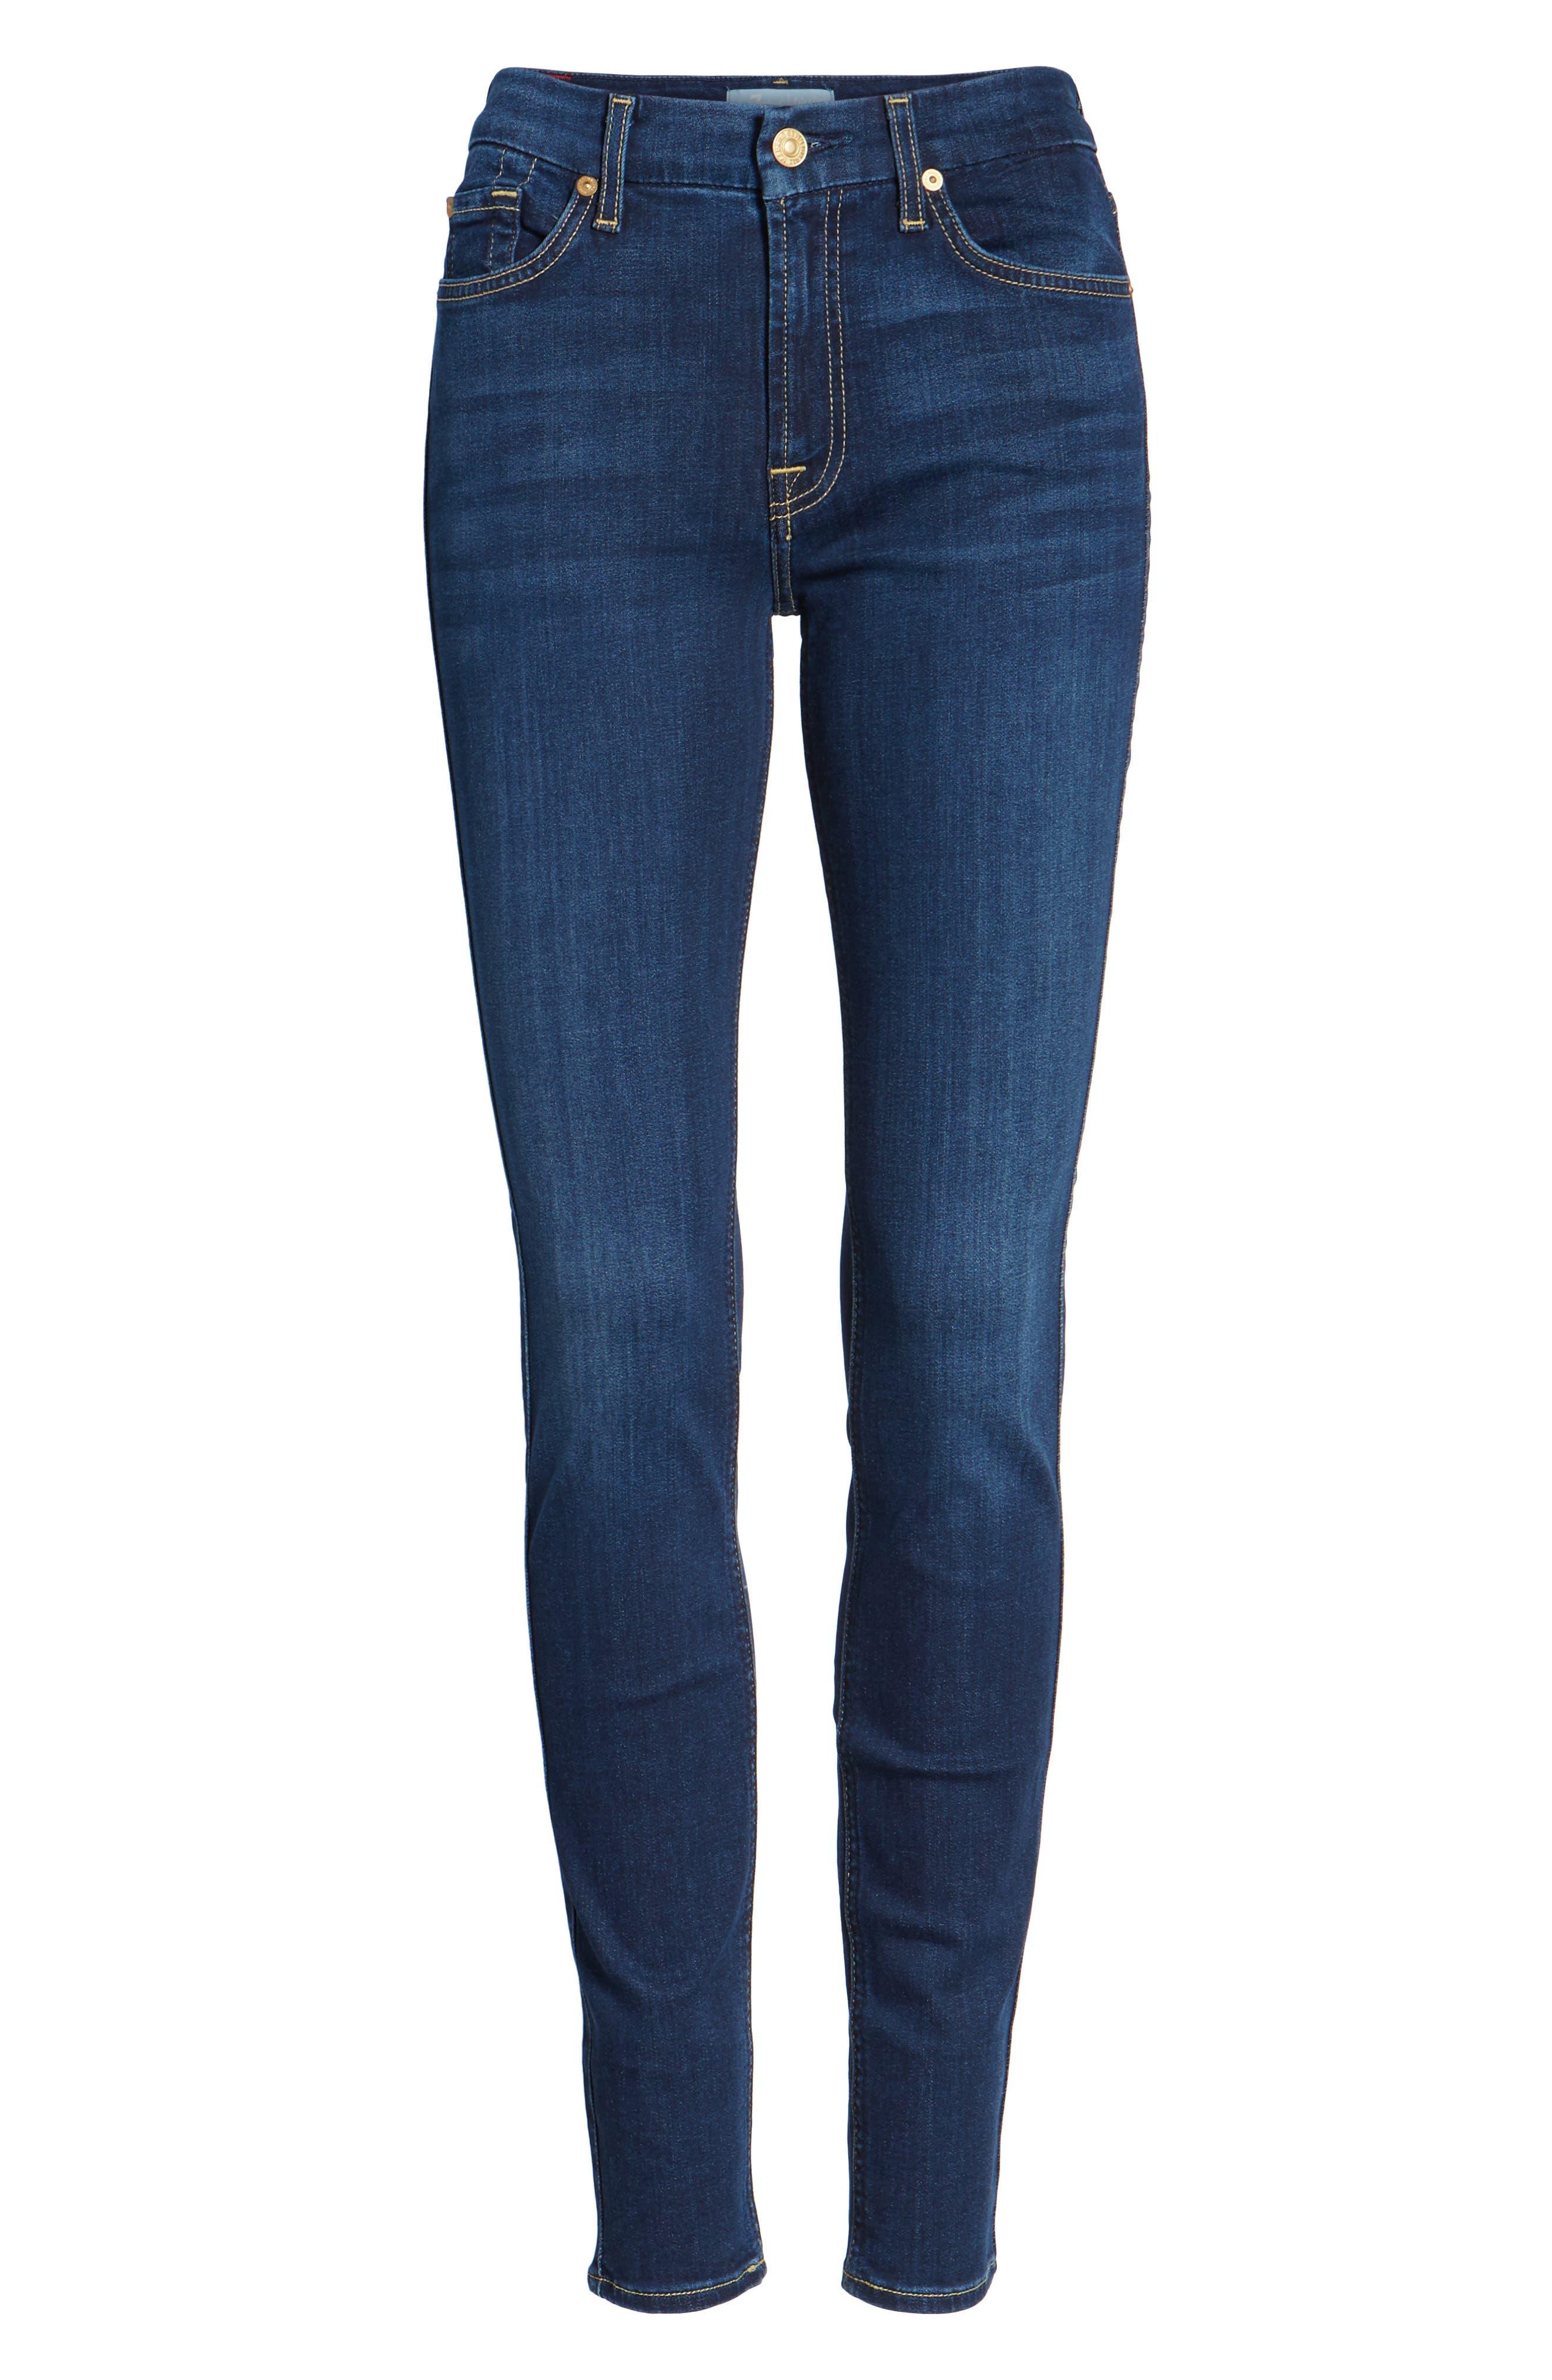 b(air) Skinny Jeans,                         Main,                         color, 400